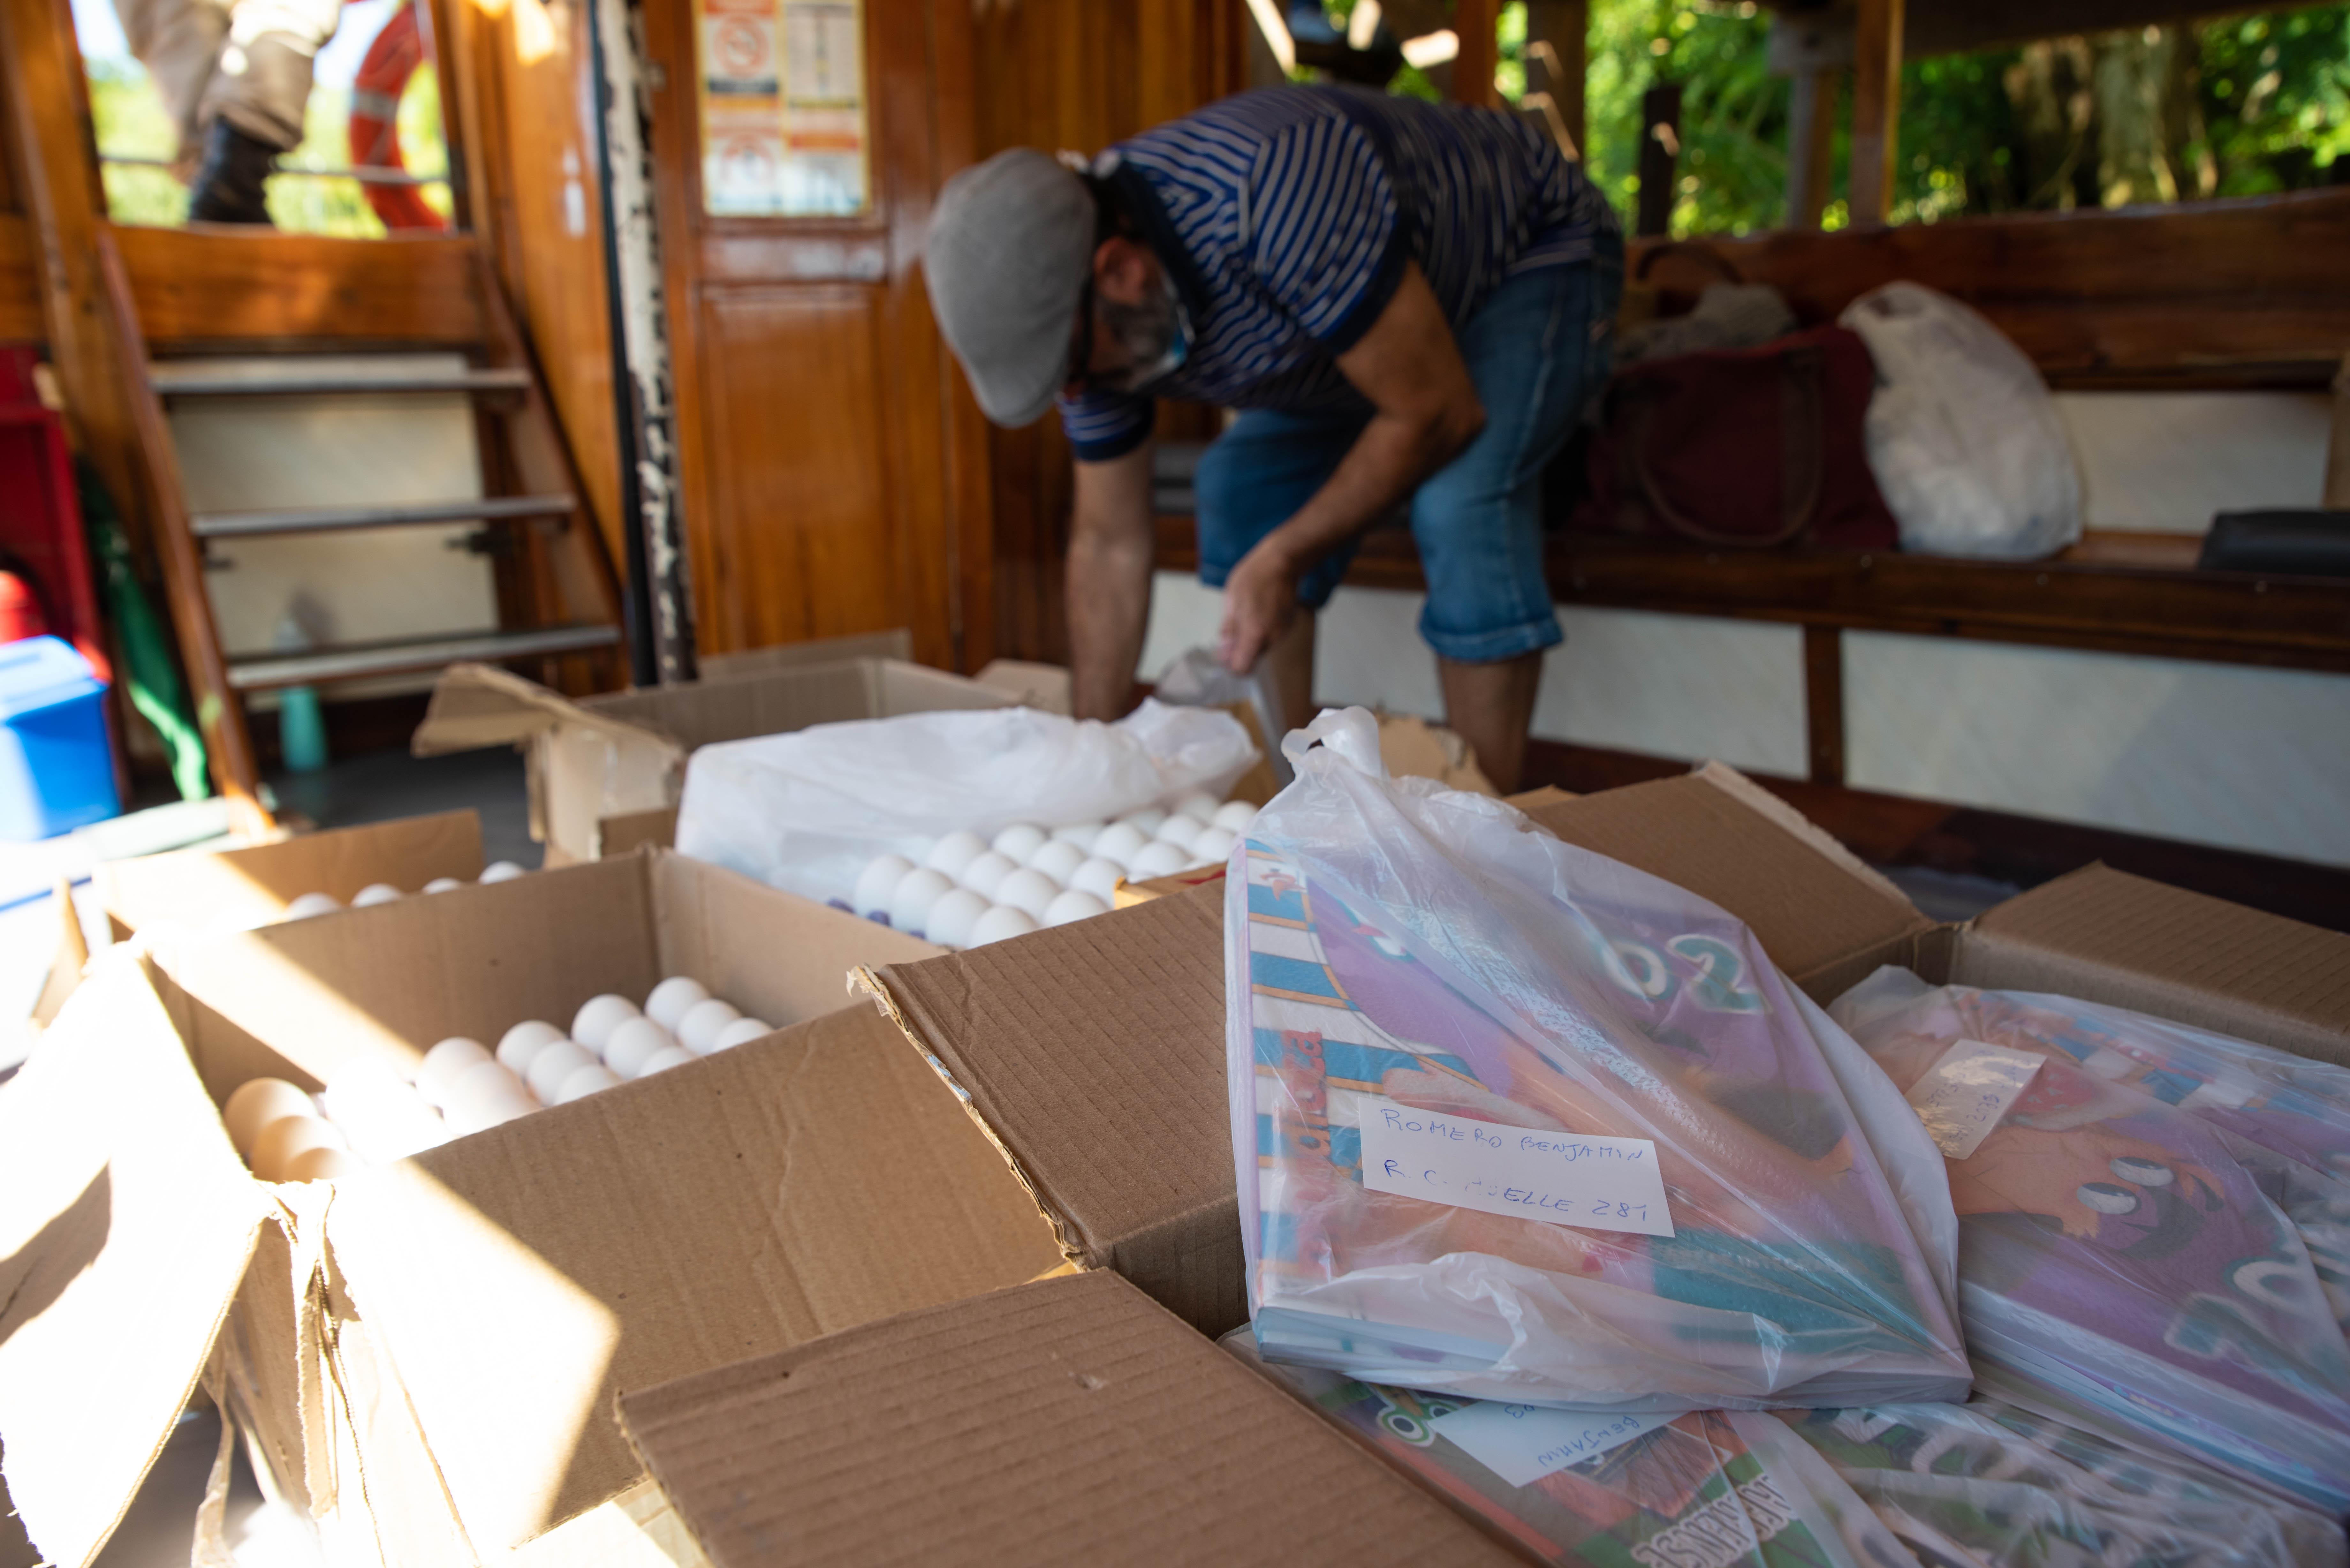 Uno de los docentes prepara los kits que fueron entregados a los estudiantes. (Foto: Franco Fafasuli)